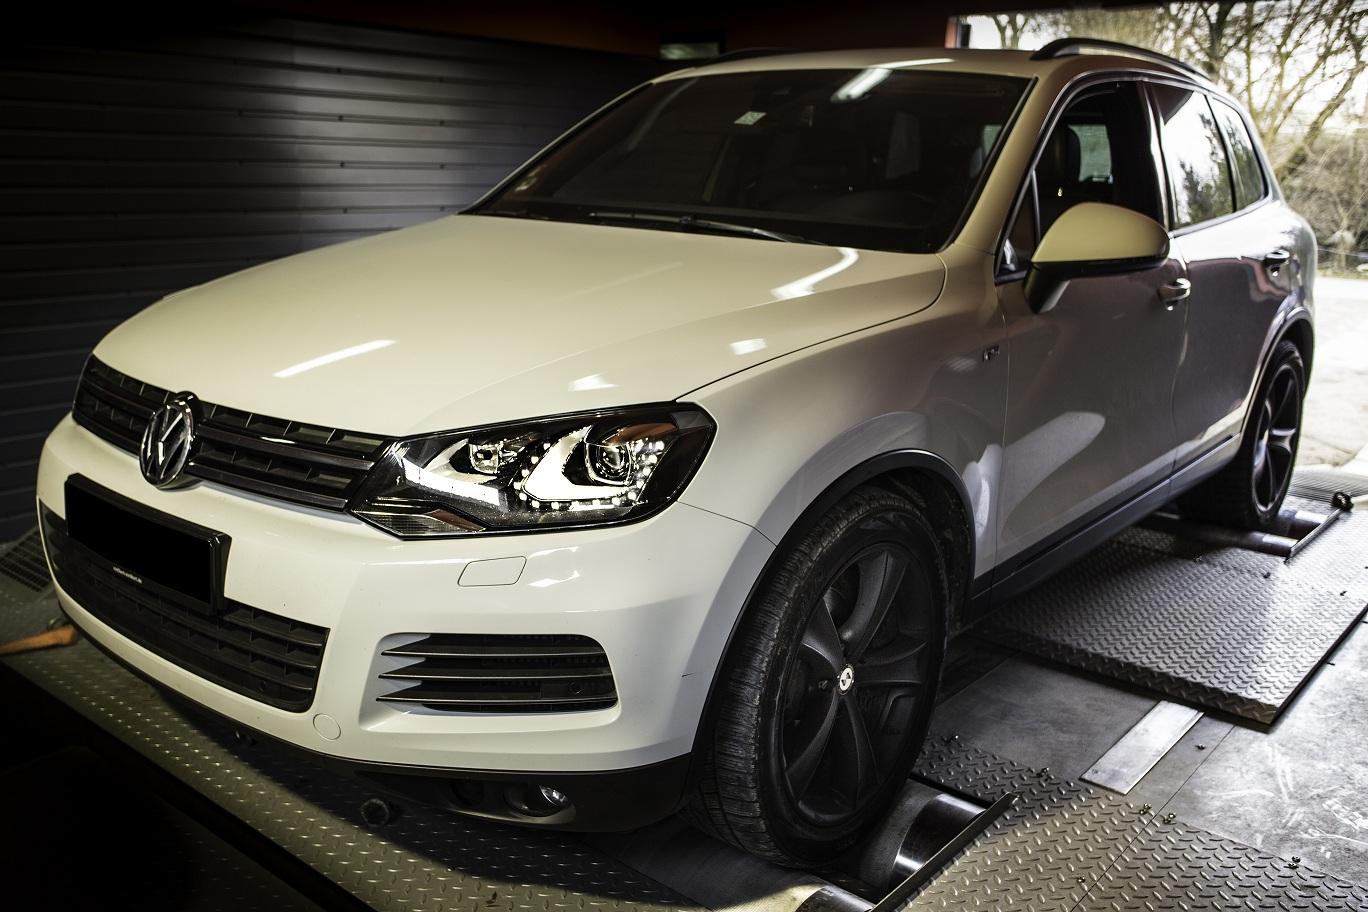 VW Touareg 3.0 TDI tuning